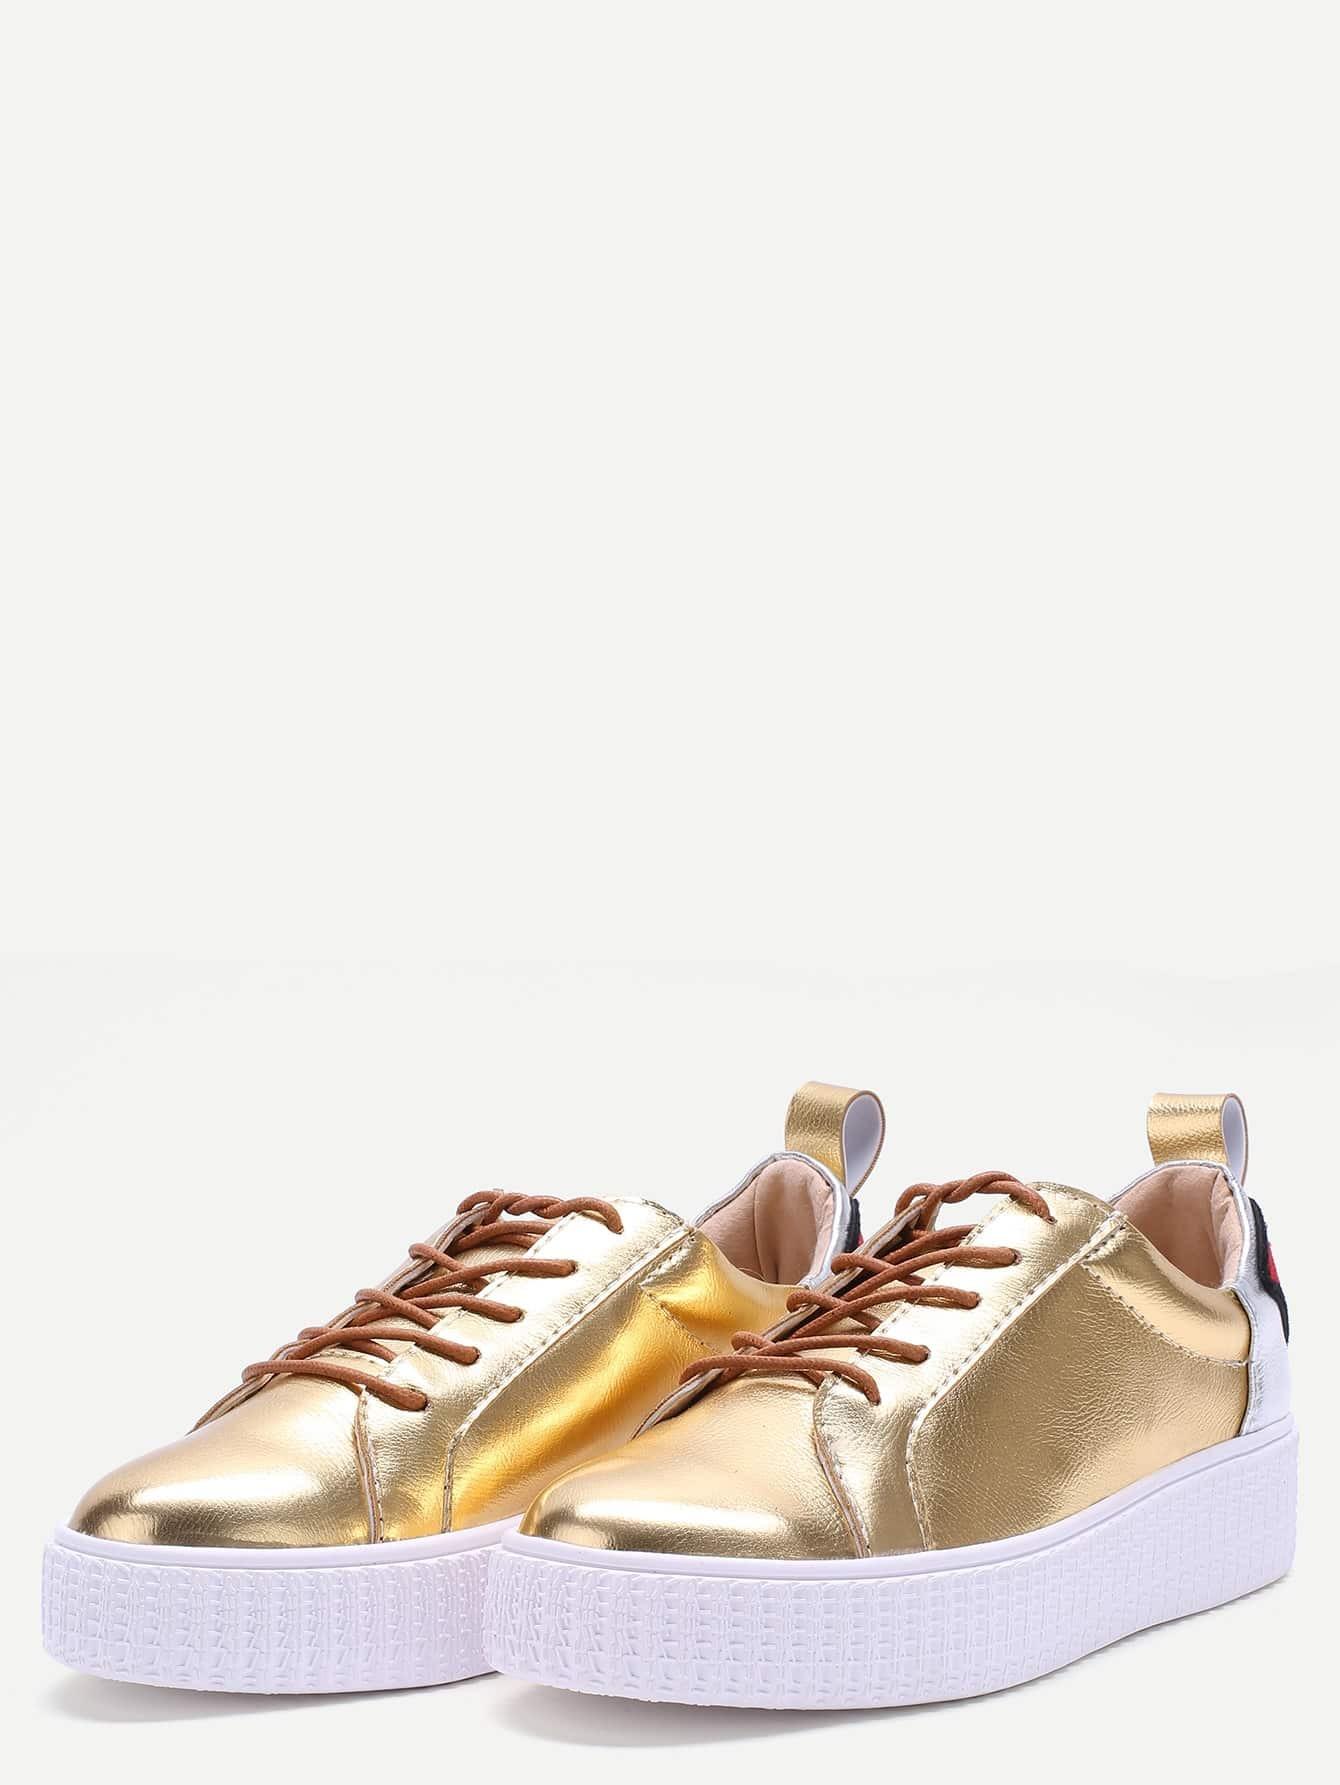 shoes170207803_2